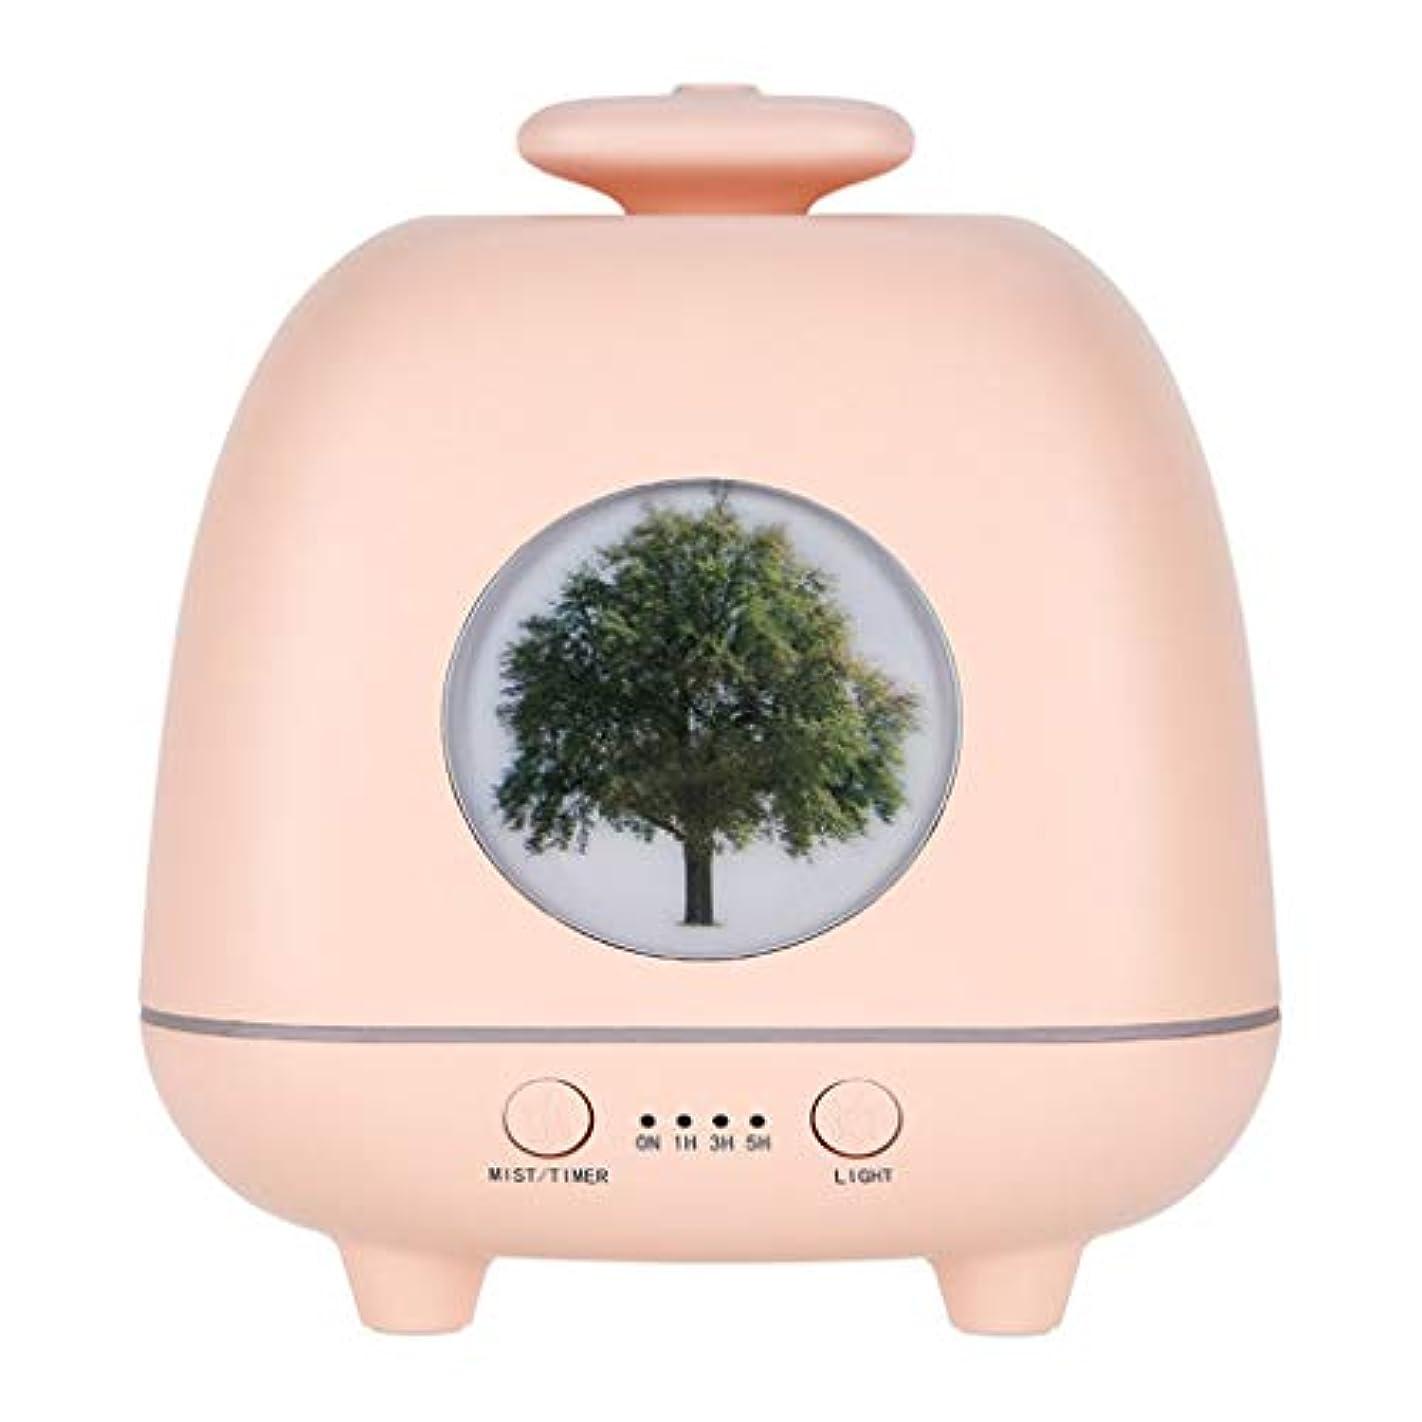 病んでいる放射能にはまってアロマテラピー機、エッセンシャルオイルディフューザー自動エアロゾルディスペンサー香カラフルな香りランプ加湿器 (色 : A)